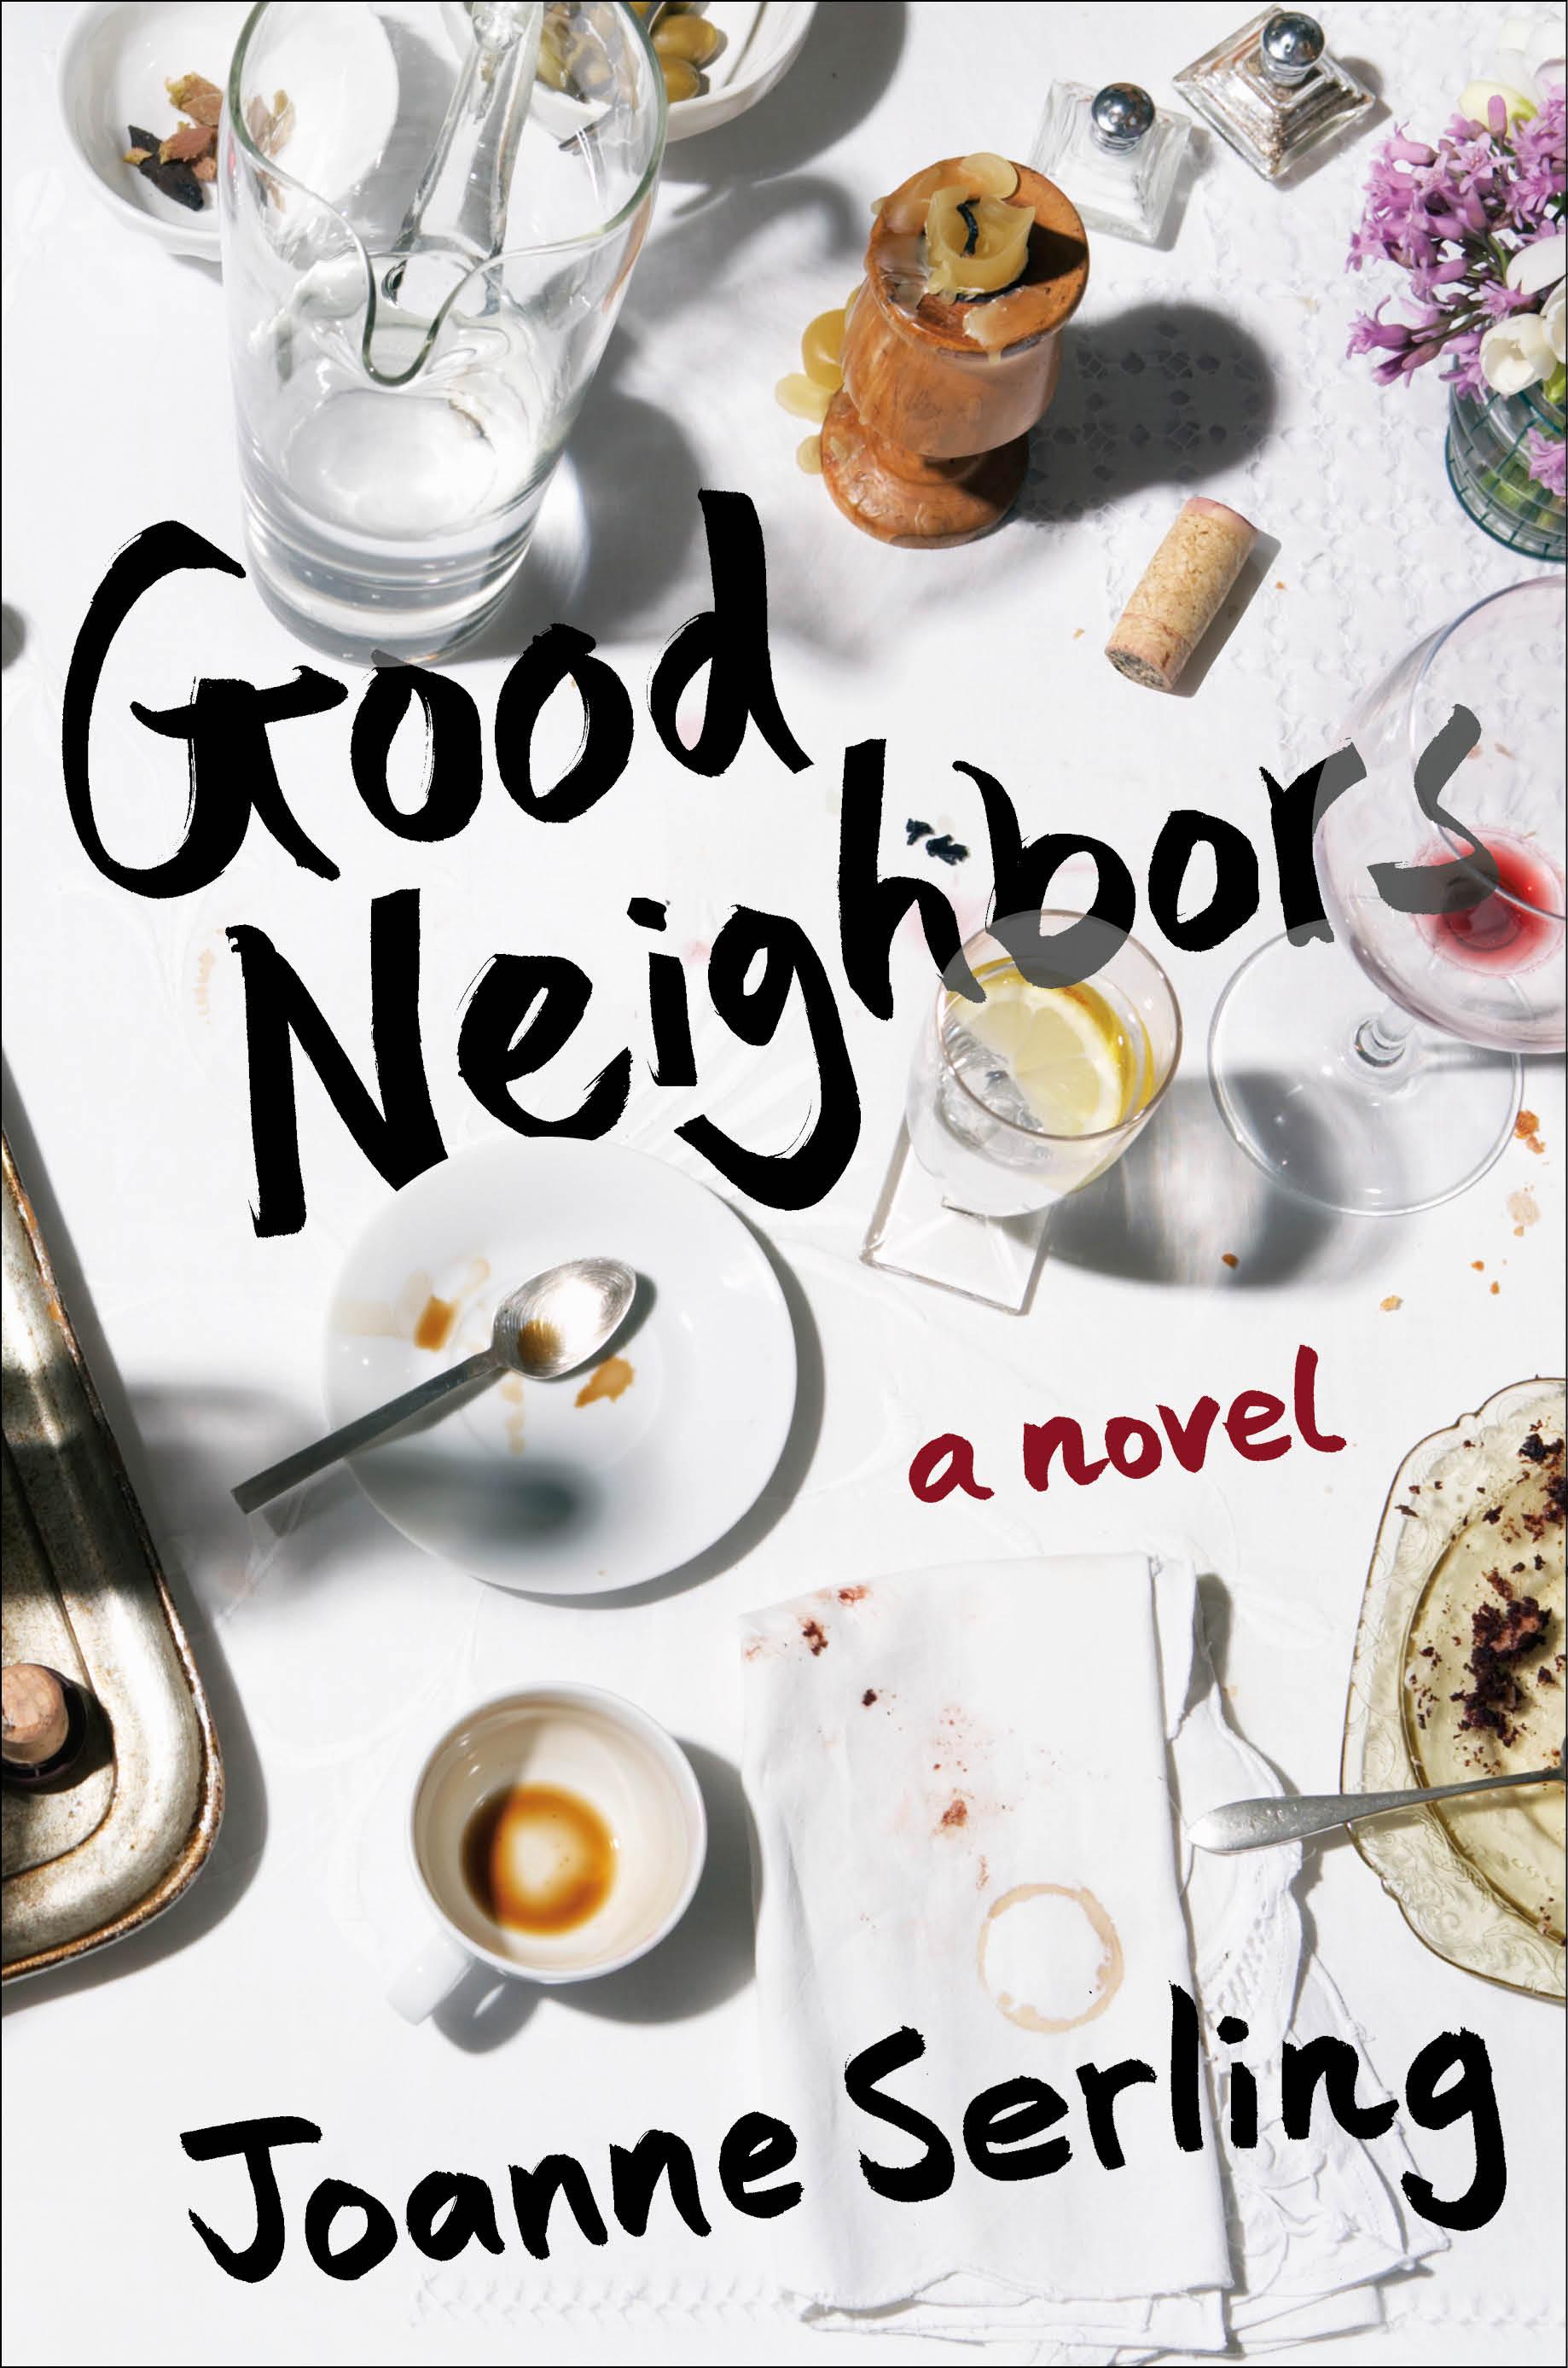 Good Neighbors final cover art 8.15.jpg